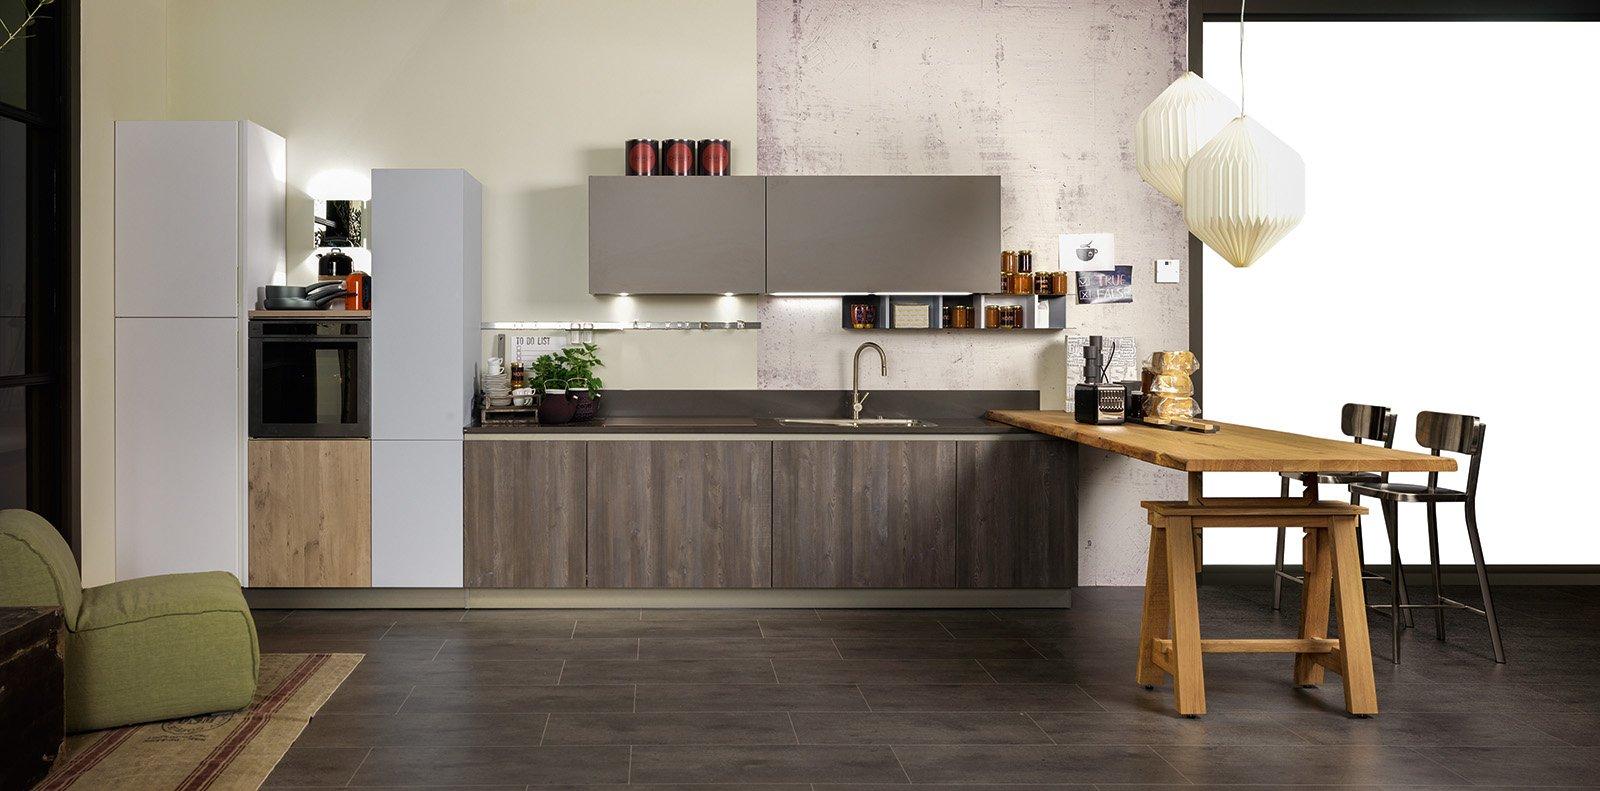 la cucina con il tavolo da architetto